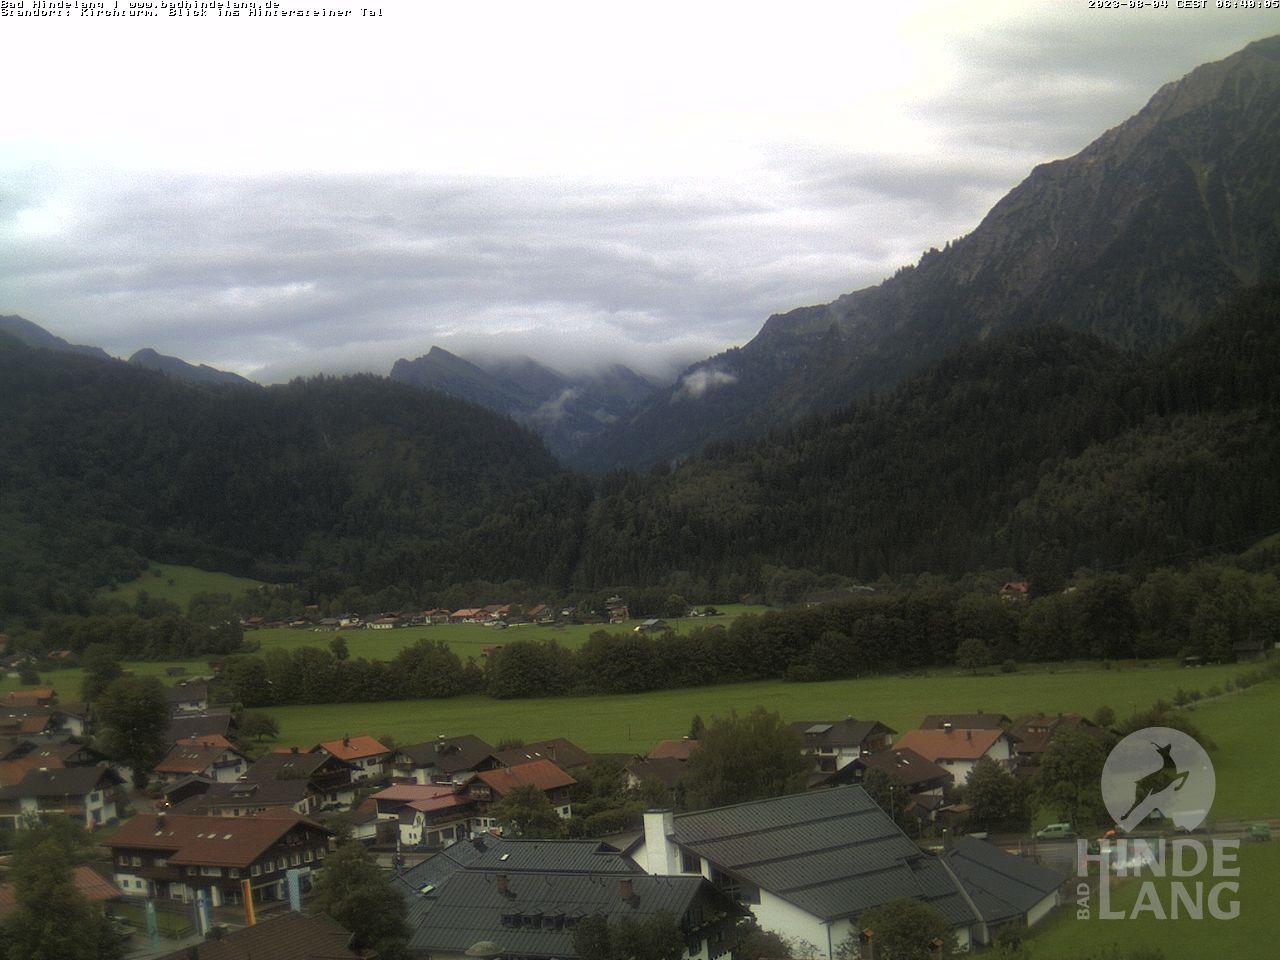 Webcam Standort Kirchturm Bad Hindelang mit Blick Richtung Hinterstein